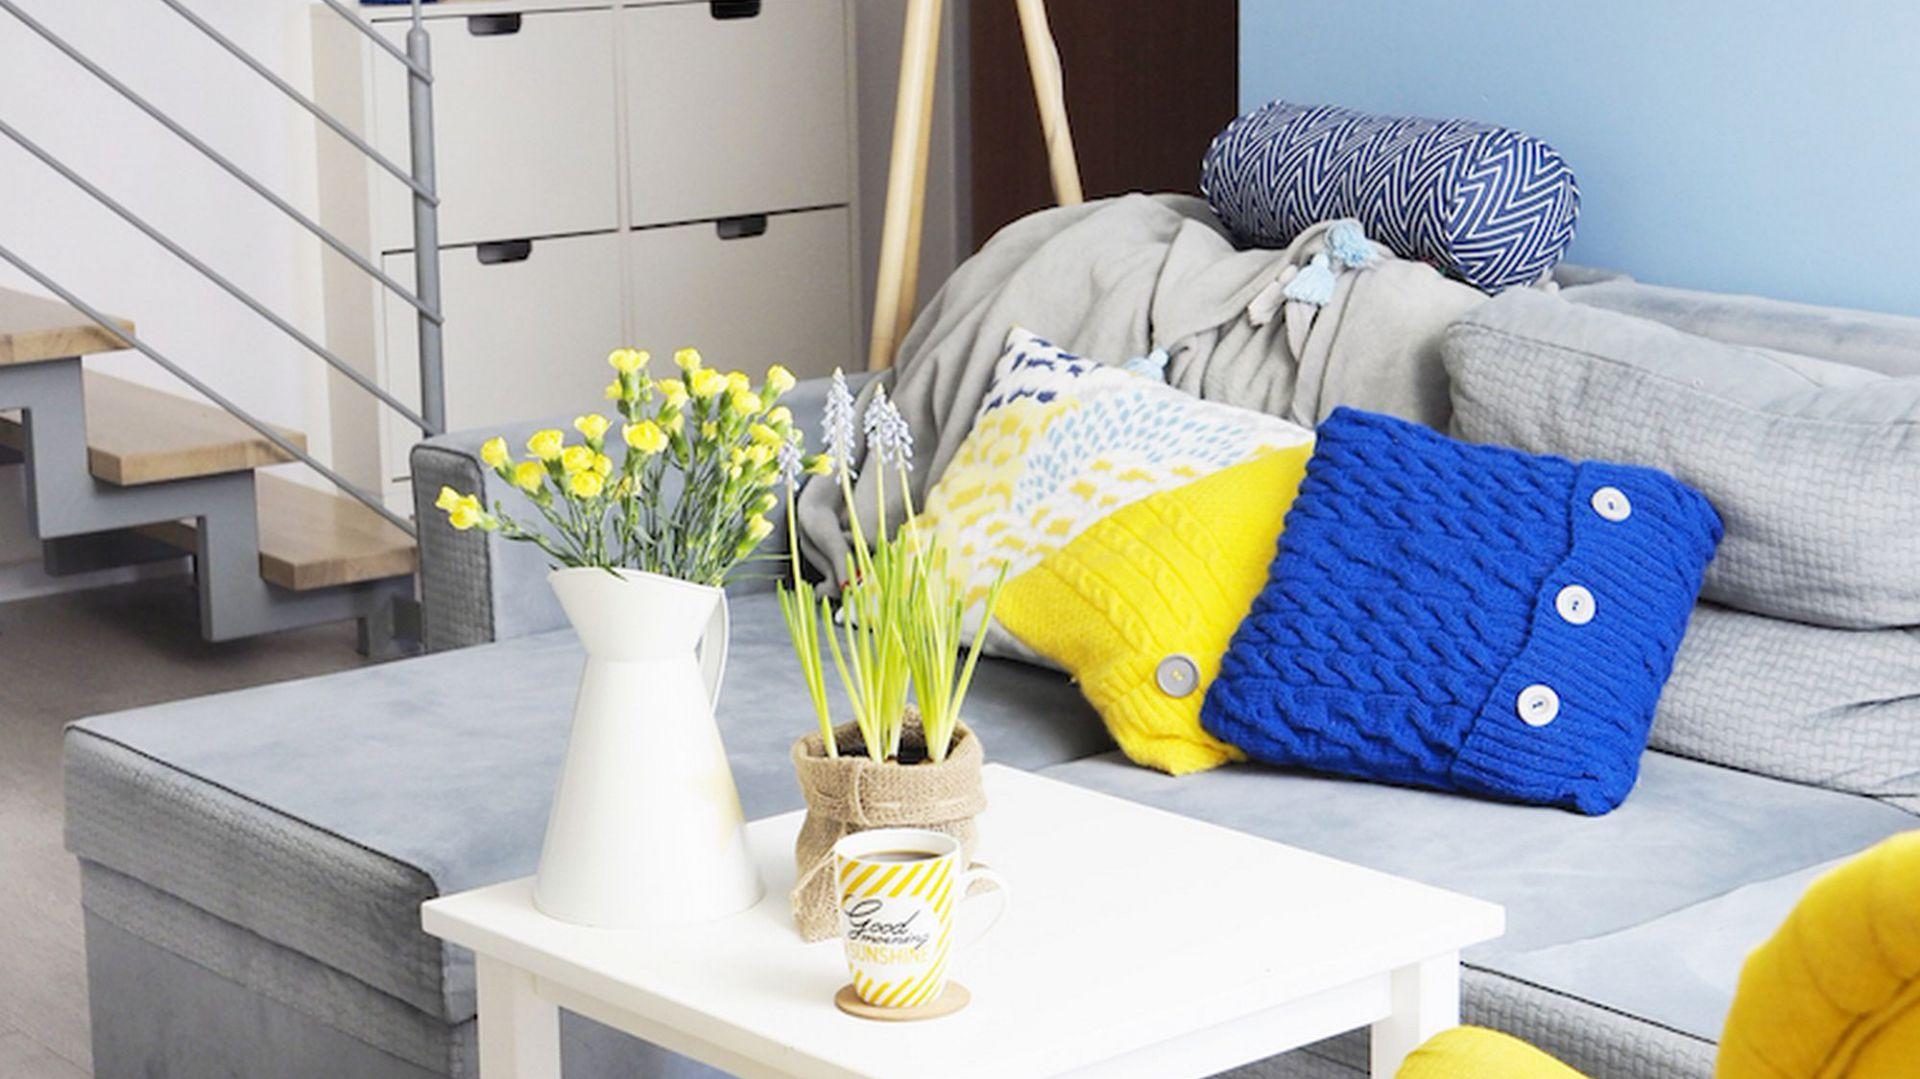 Lampy z elementami wykonanymi z drewna to jeden z głównych trendów. Dodaje aranżacjom charakteru, wnosząc nutę stonowanej nowoczesności. Na zdjęciu lampa Ennie. Fot. Britop RITOP Lighting